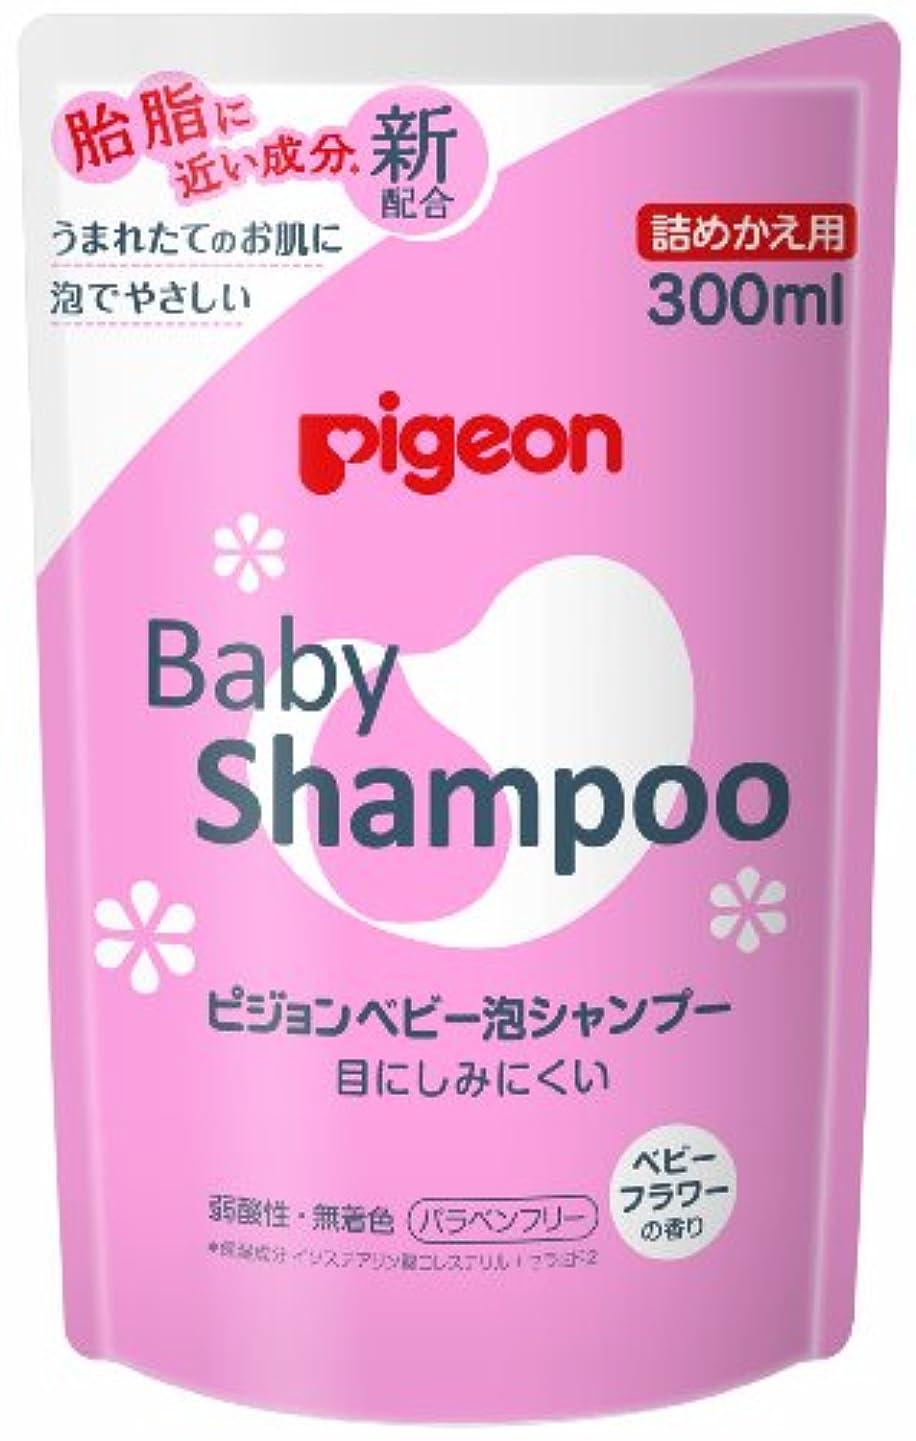 煙突有力者苦しめるピジョン 泡シャンプー フラワーの香り 詰替用 300ml (0ヵ月~)